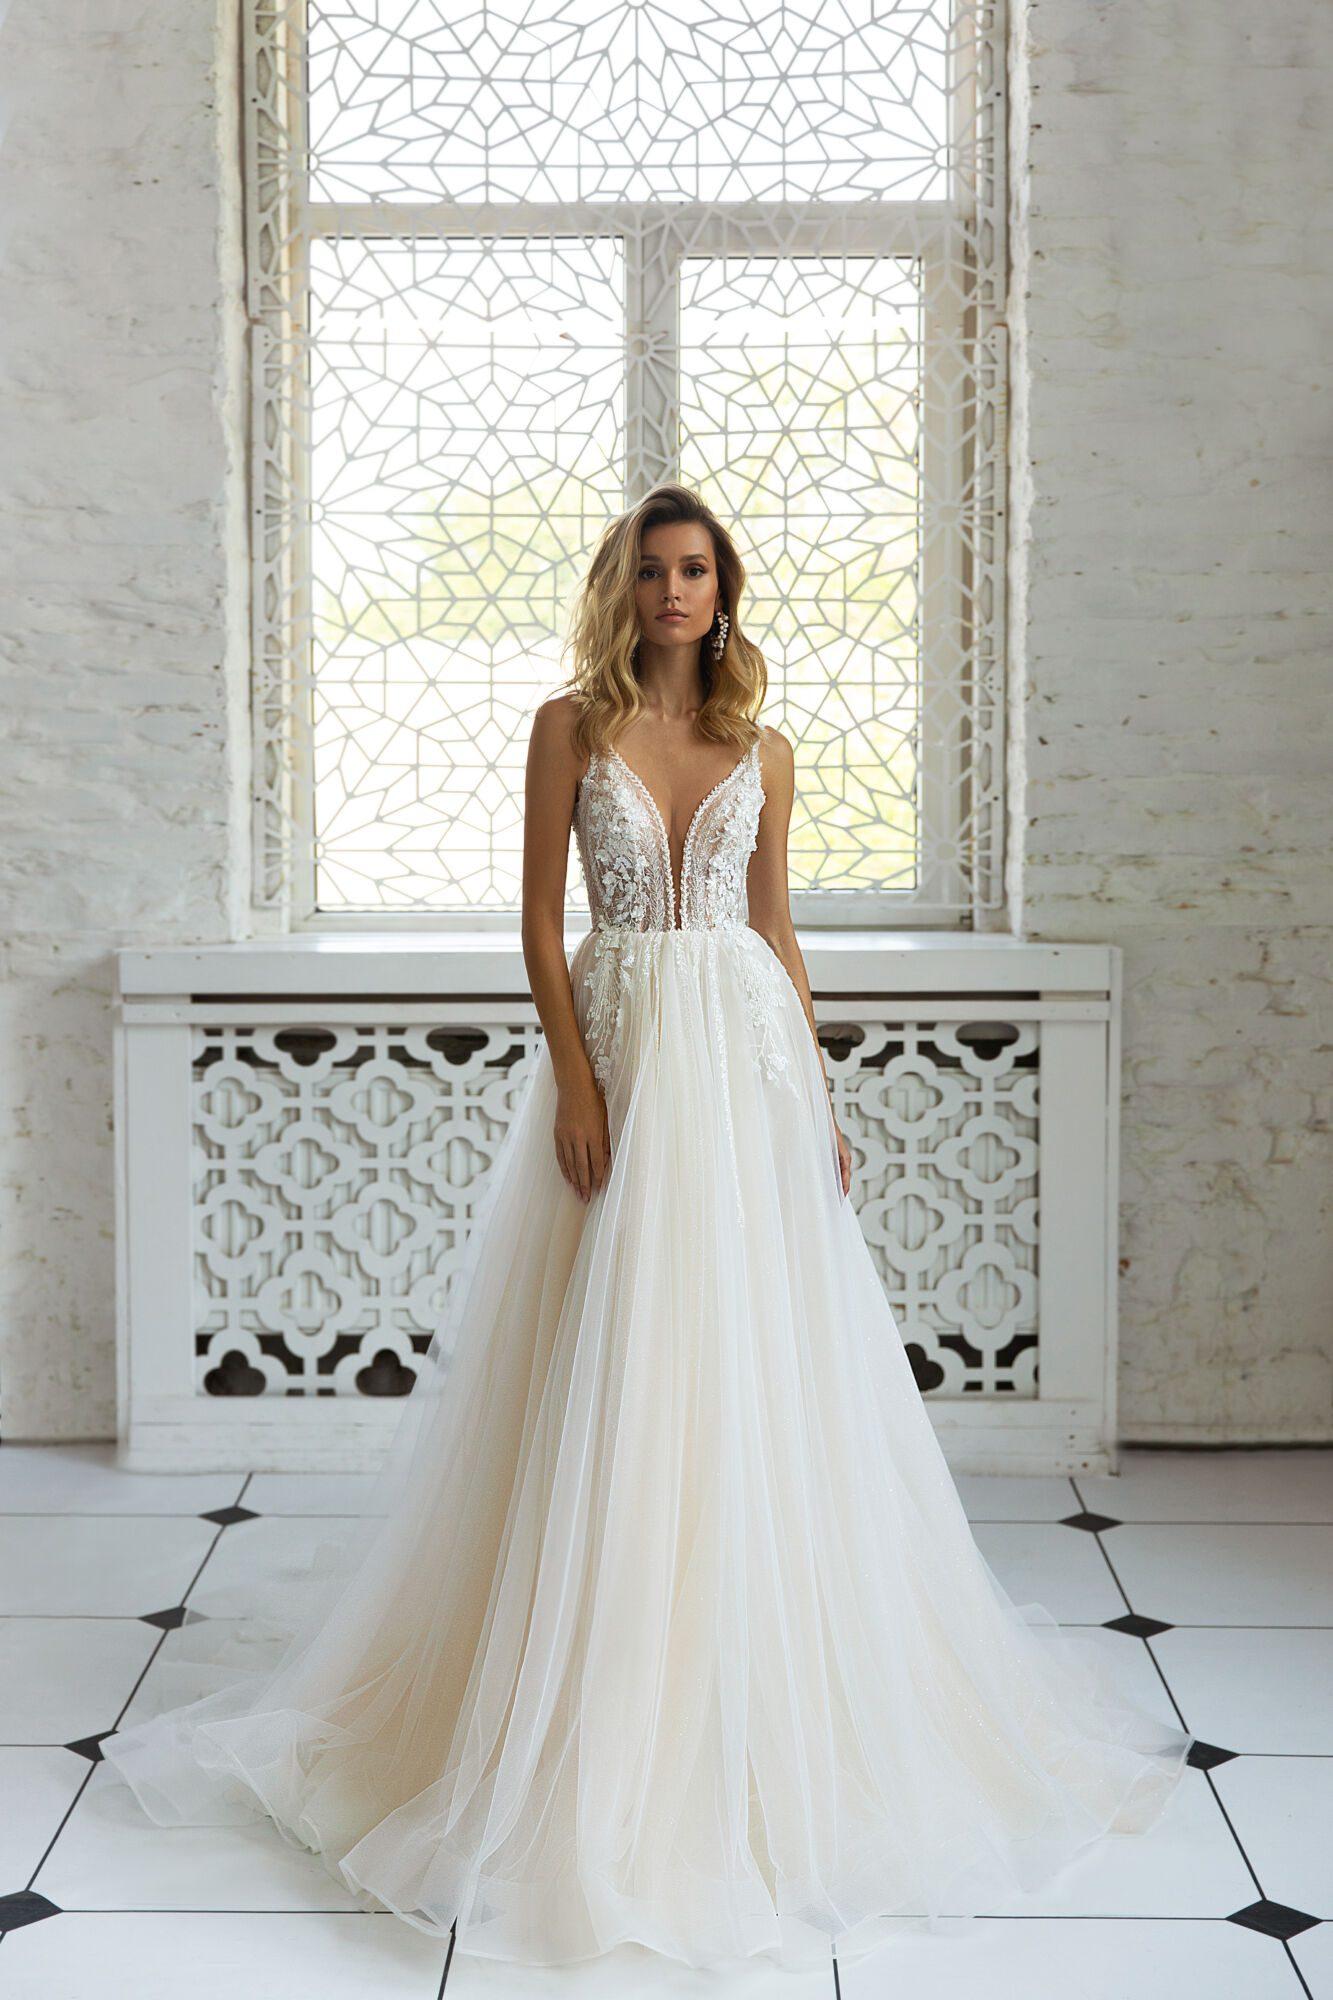 Pudrové svatební šaty v boho stylu